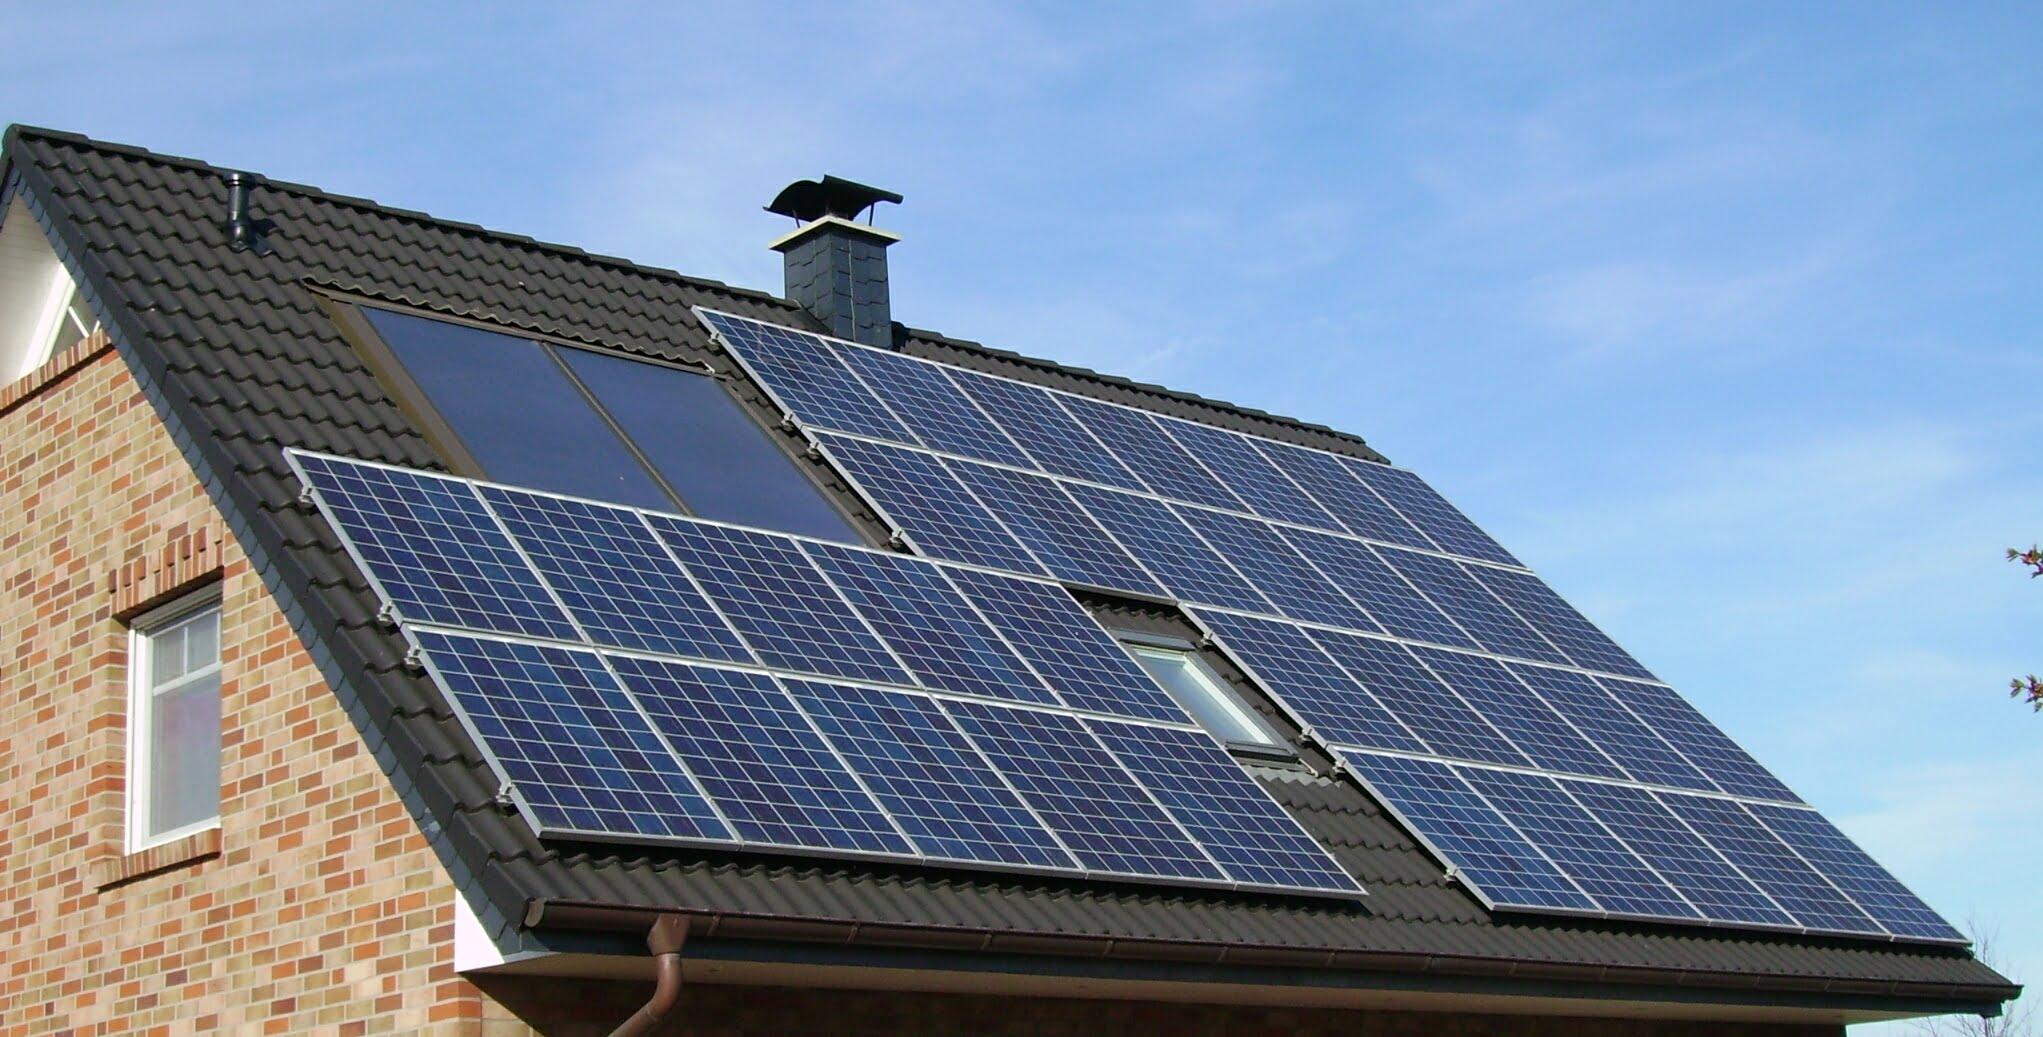 Meer dan 900 consumenten kopen goedkoop zonnepanelen in via Zon Zoekt Dak